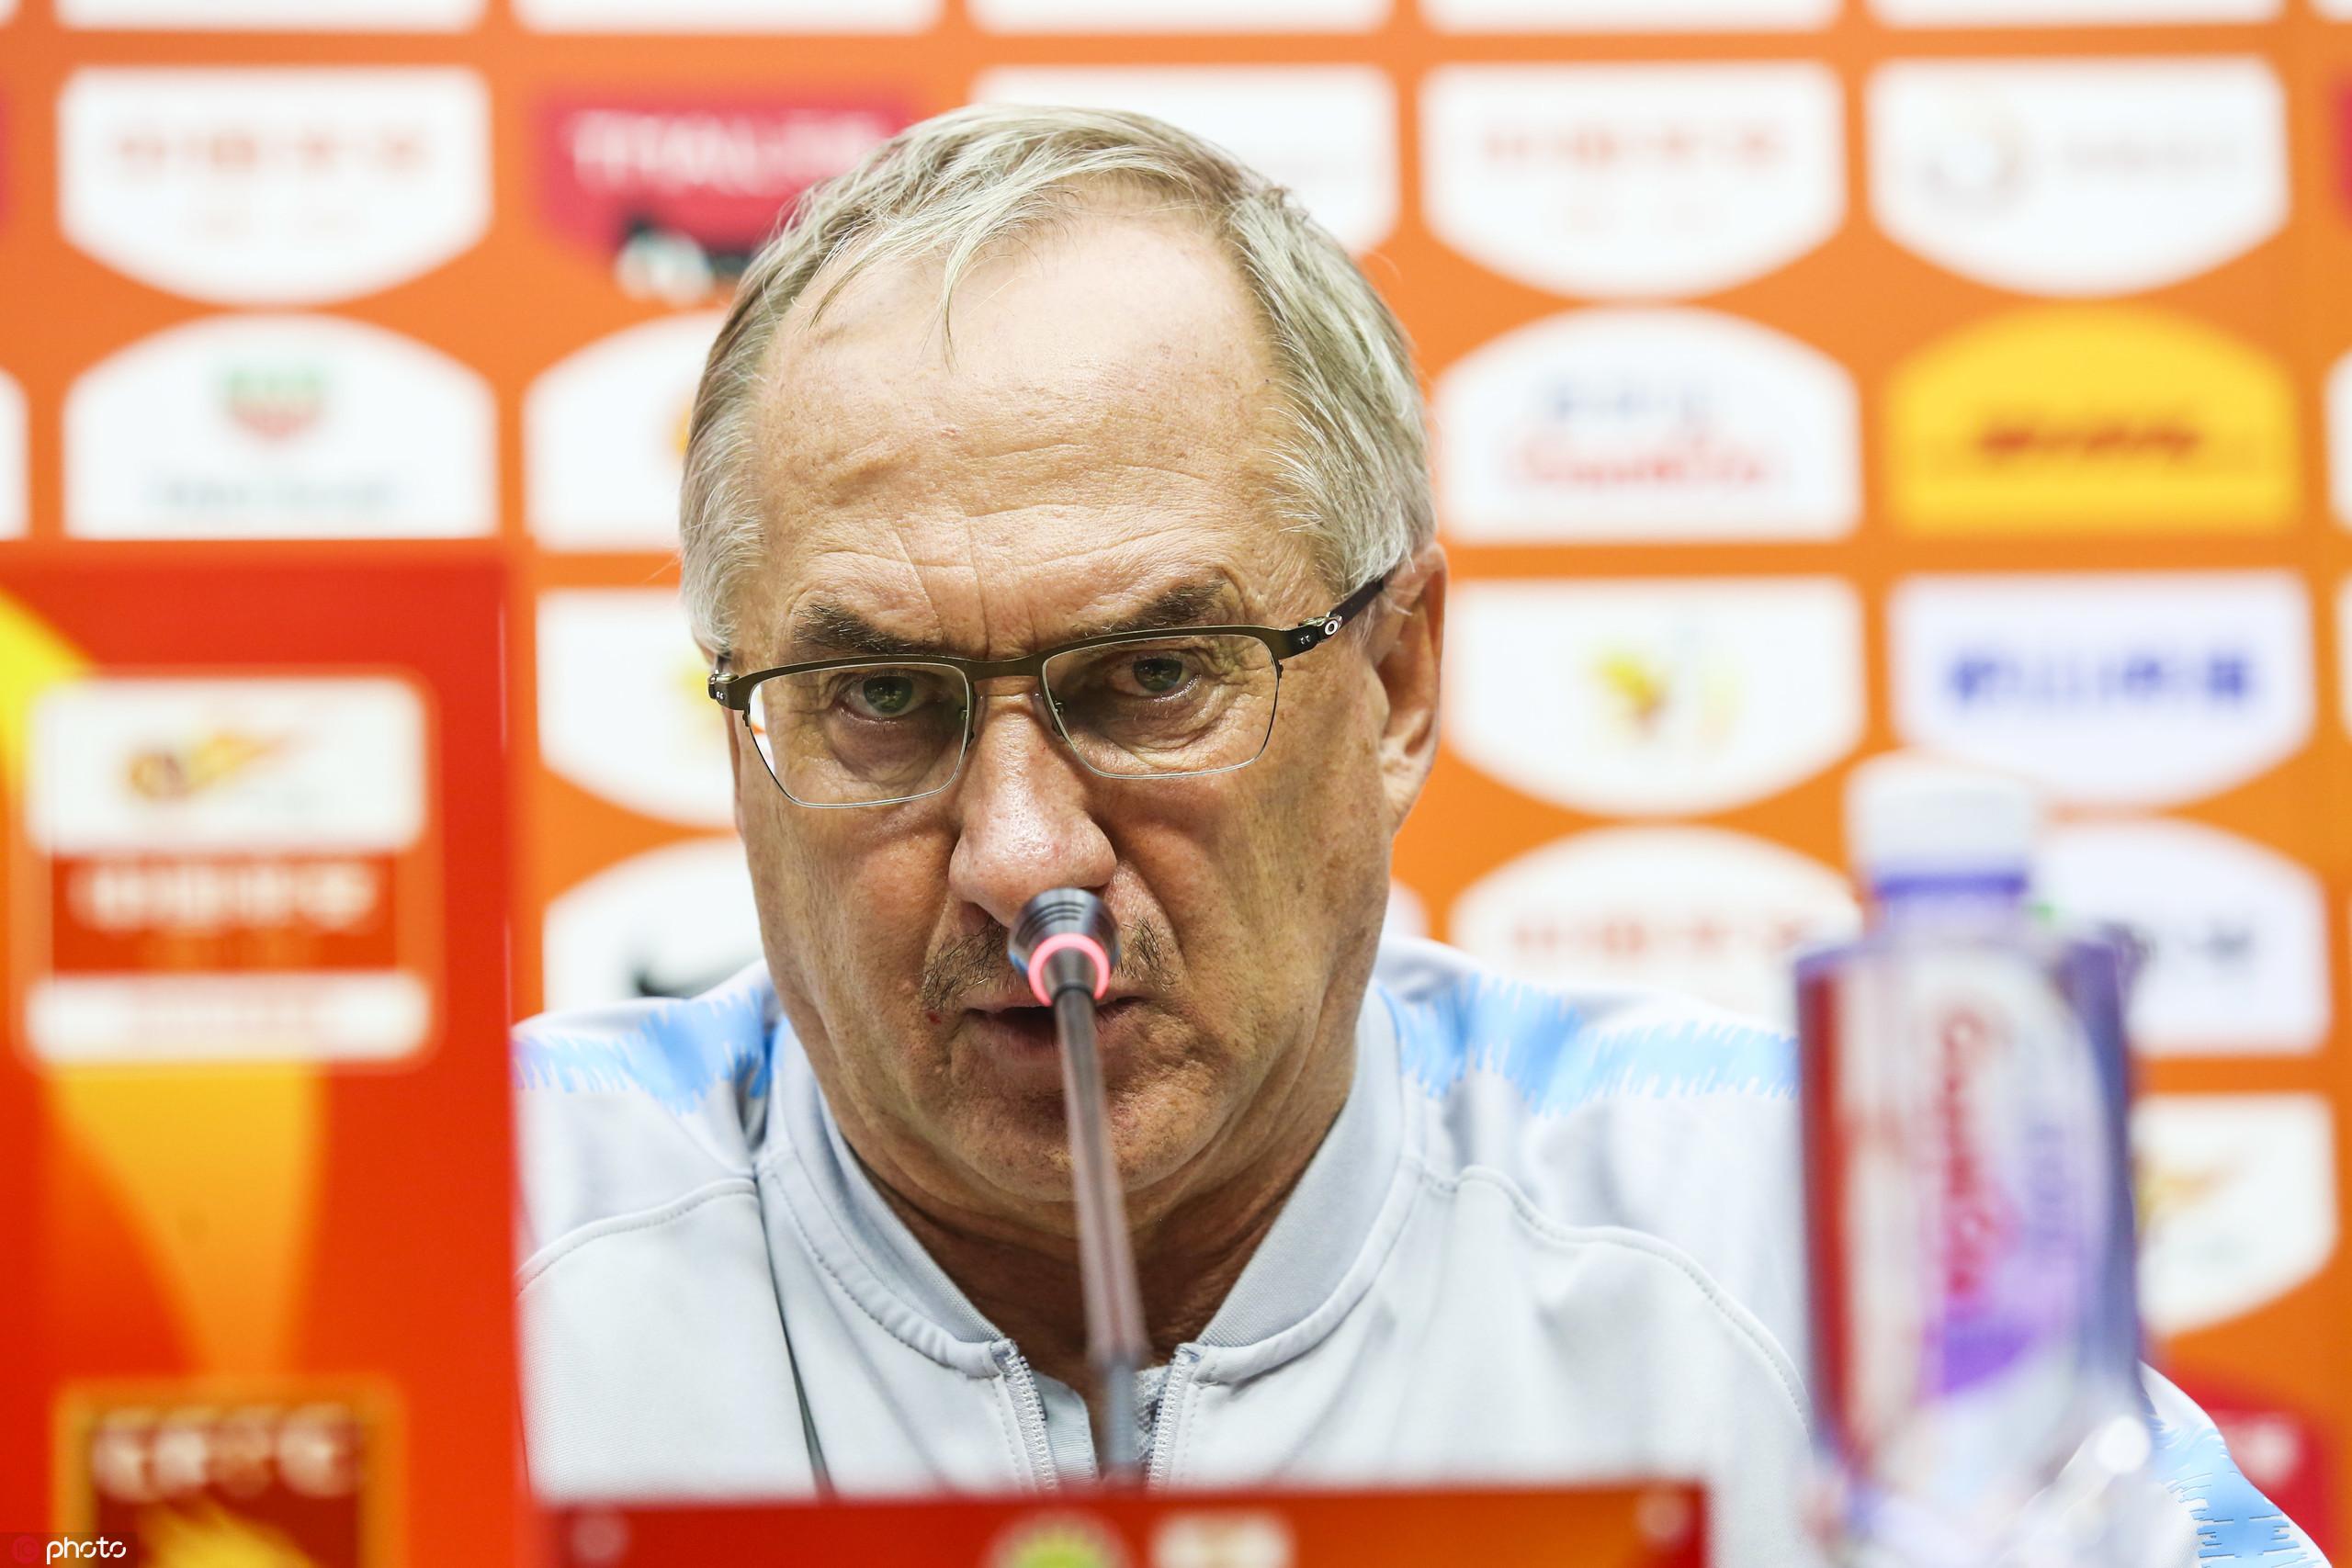 施蒂利克:球队退步了,输给排名不高的中原让我肉痛